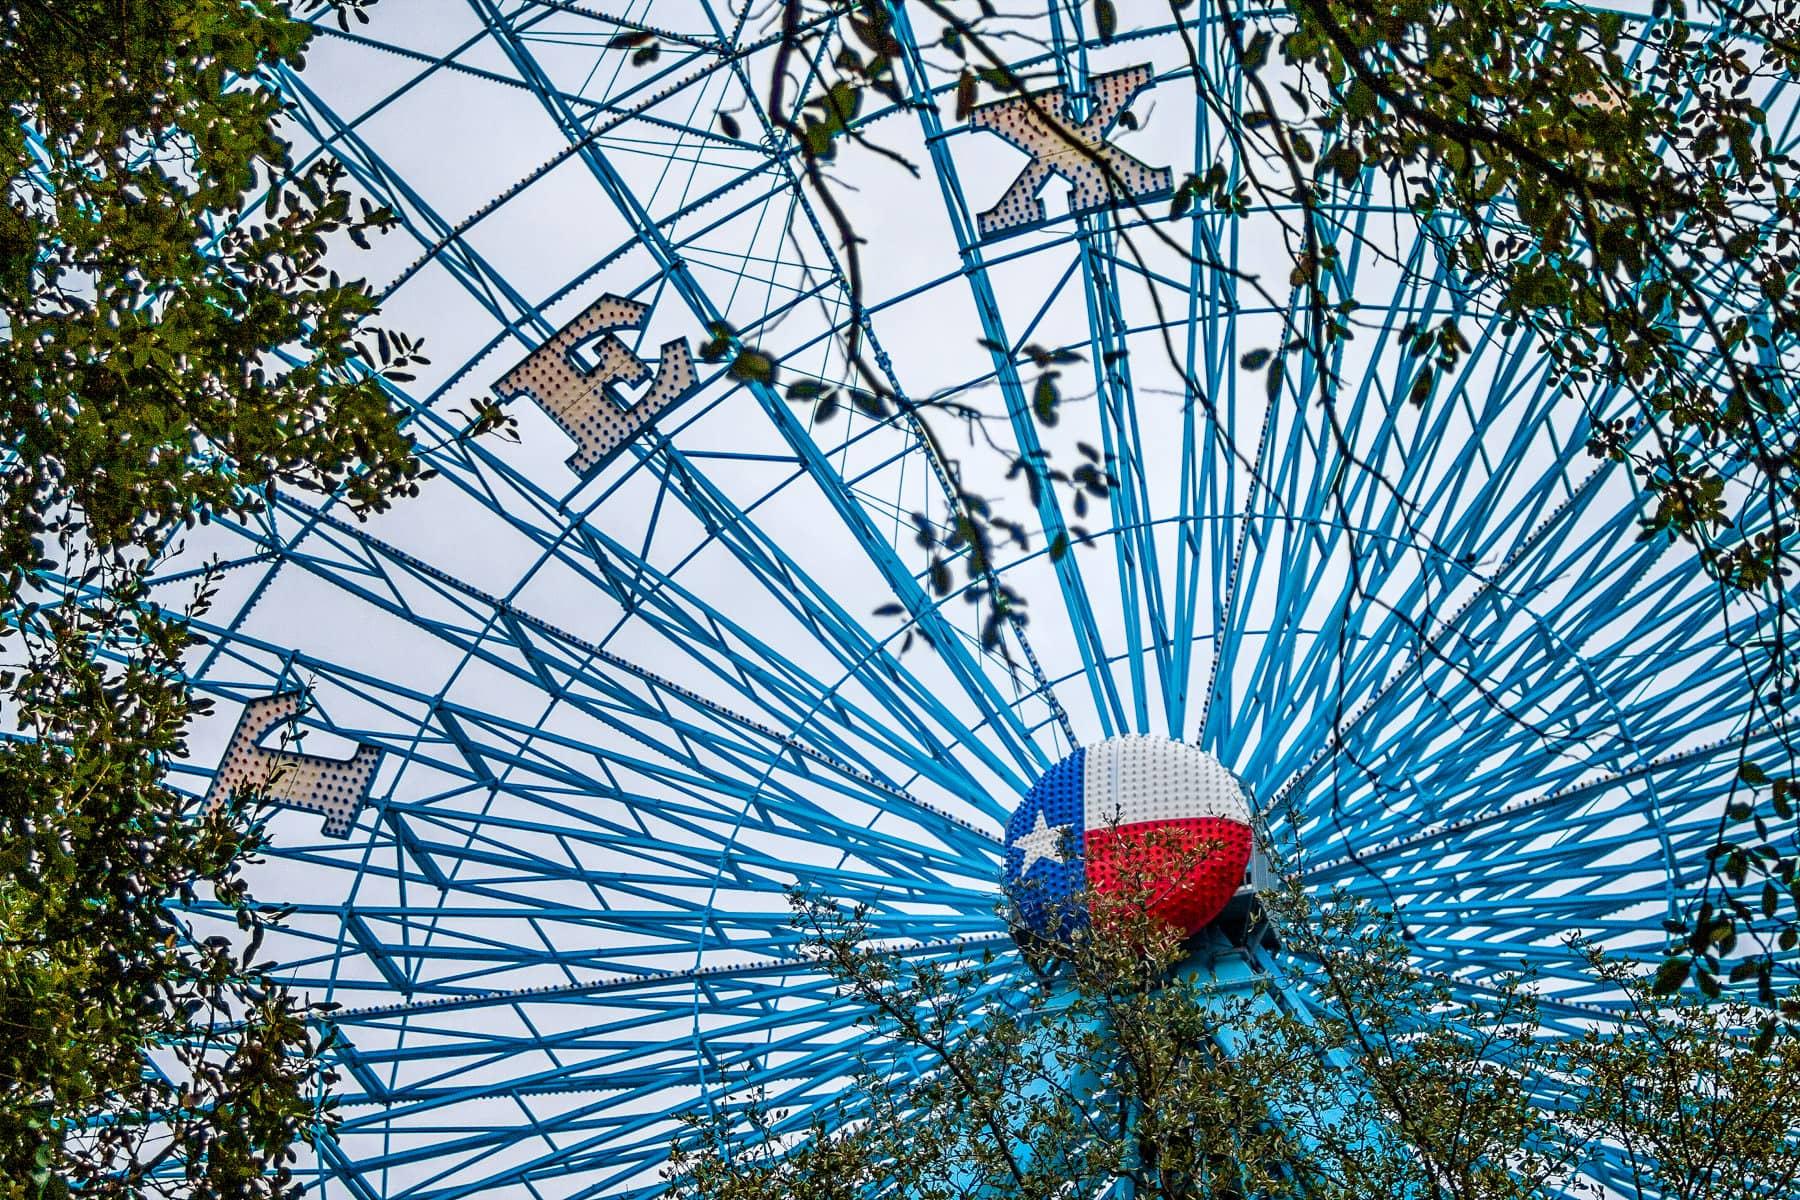 Dallas' Texas Star Ferris Wheel, located in Fair Park.